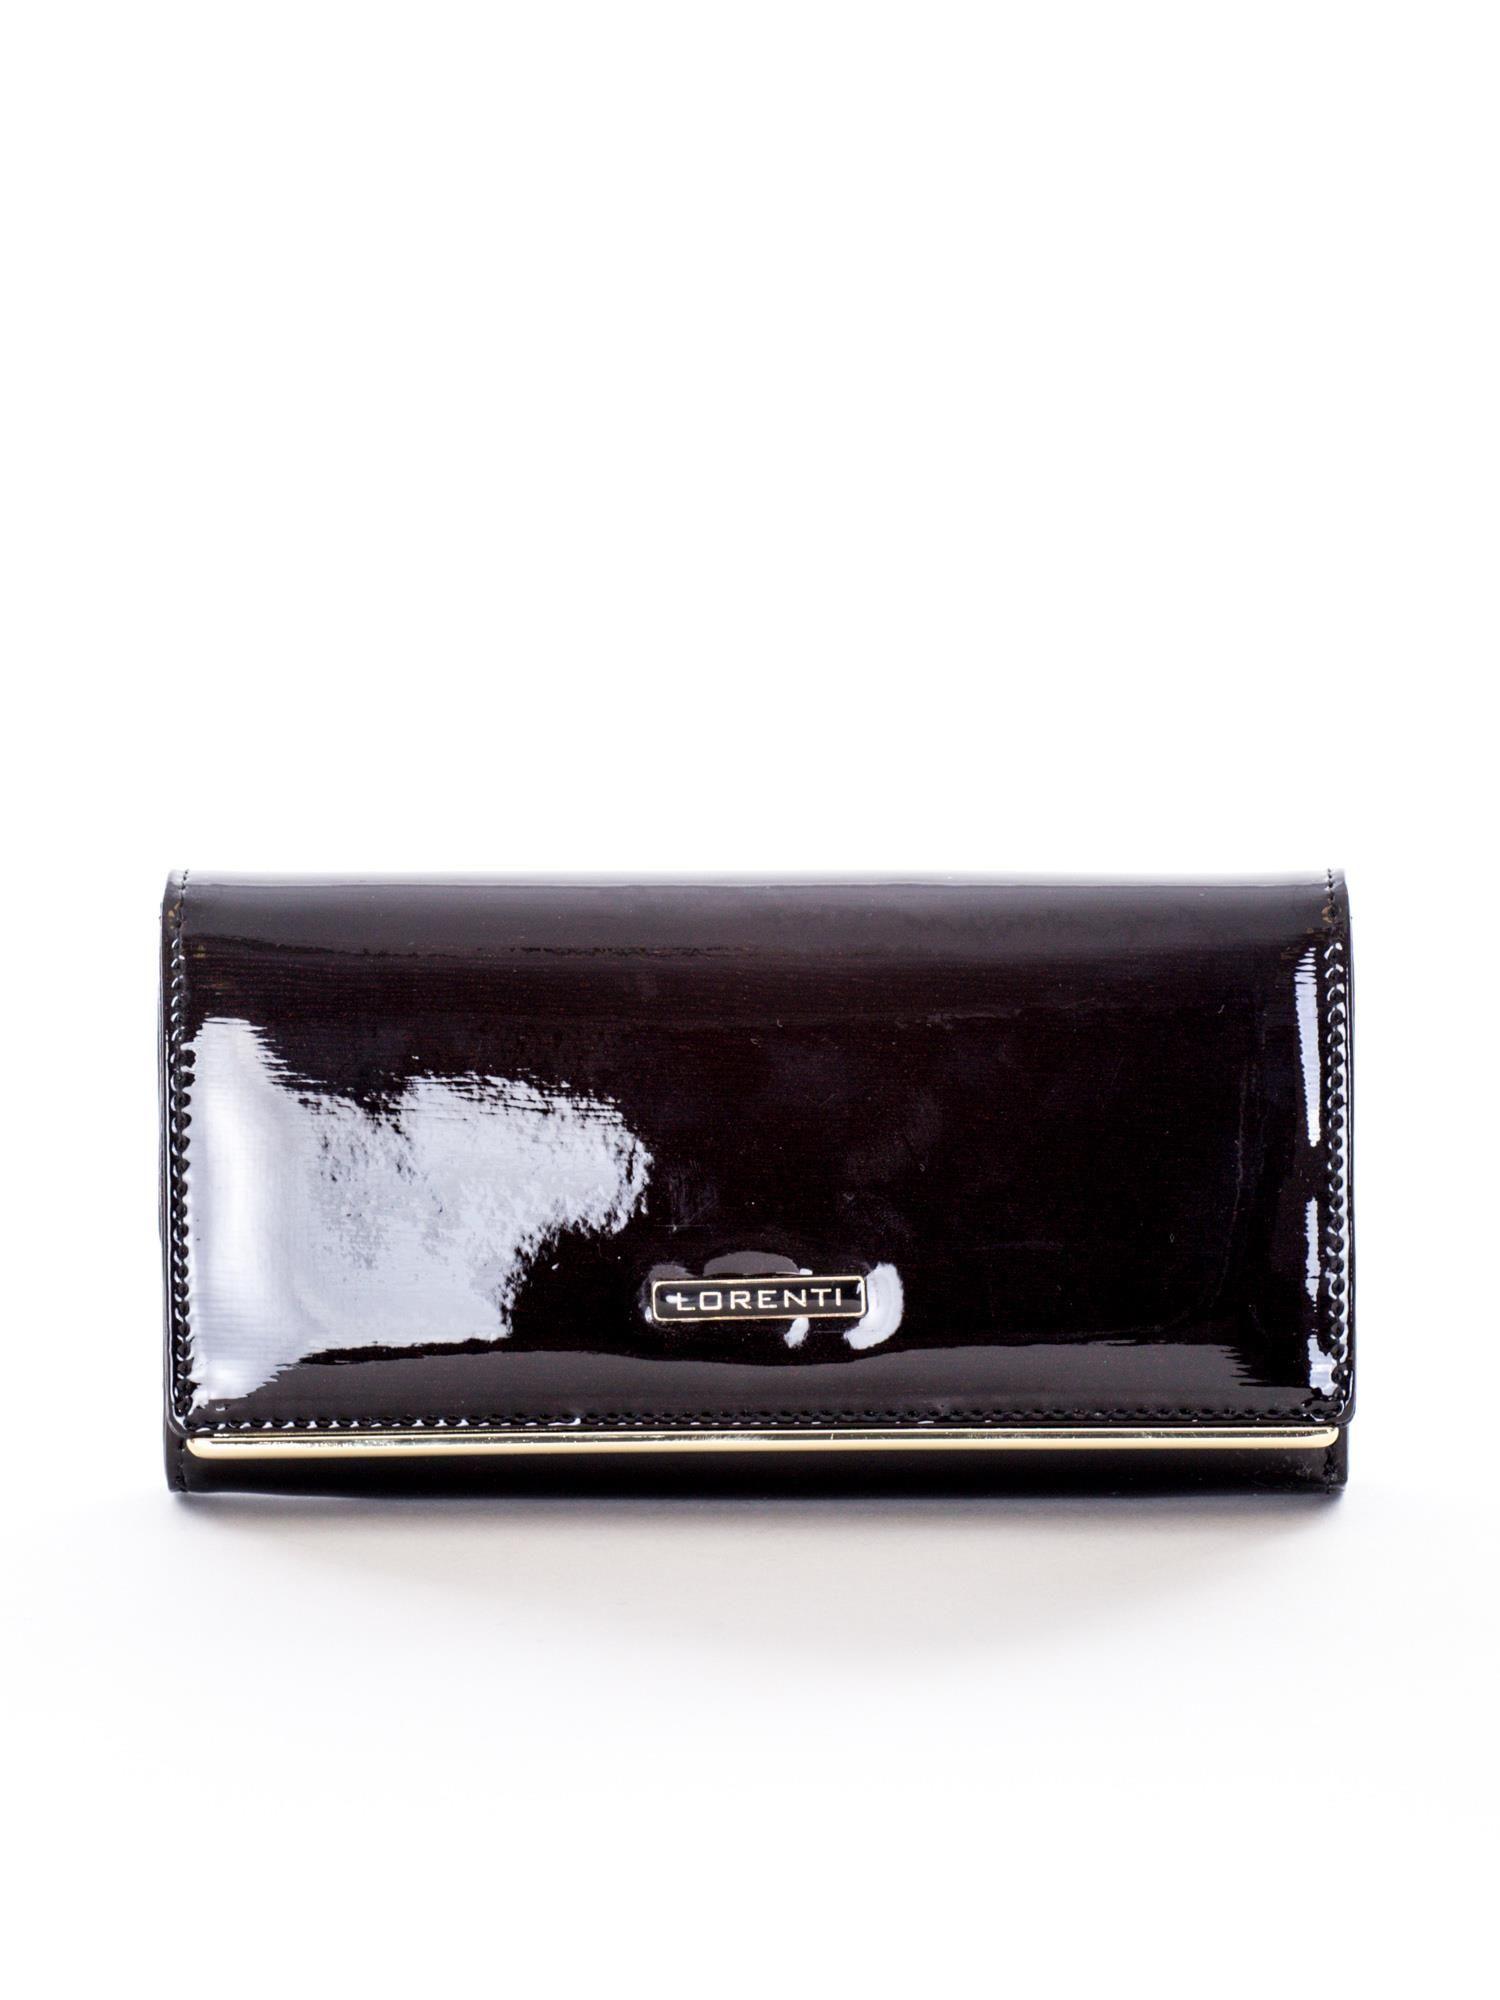 9dbc04555fd73 Czarny lakierowany skórzany portfel damski - Akcesoria portfele ...